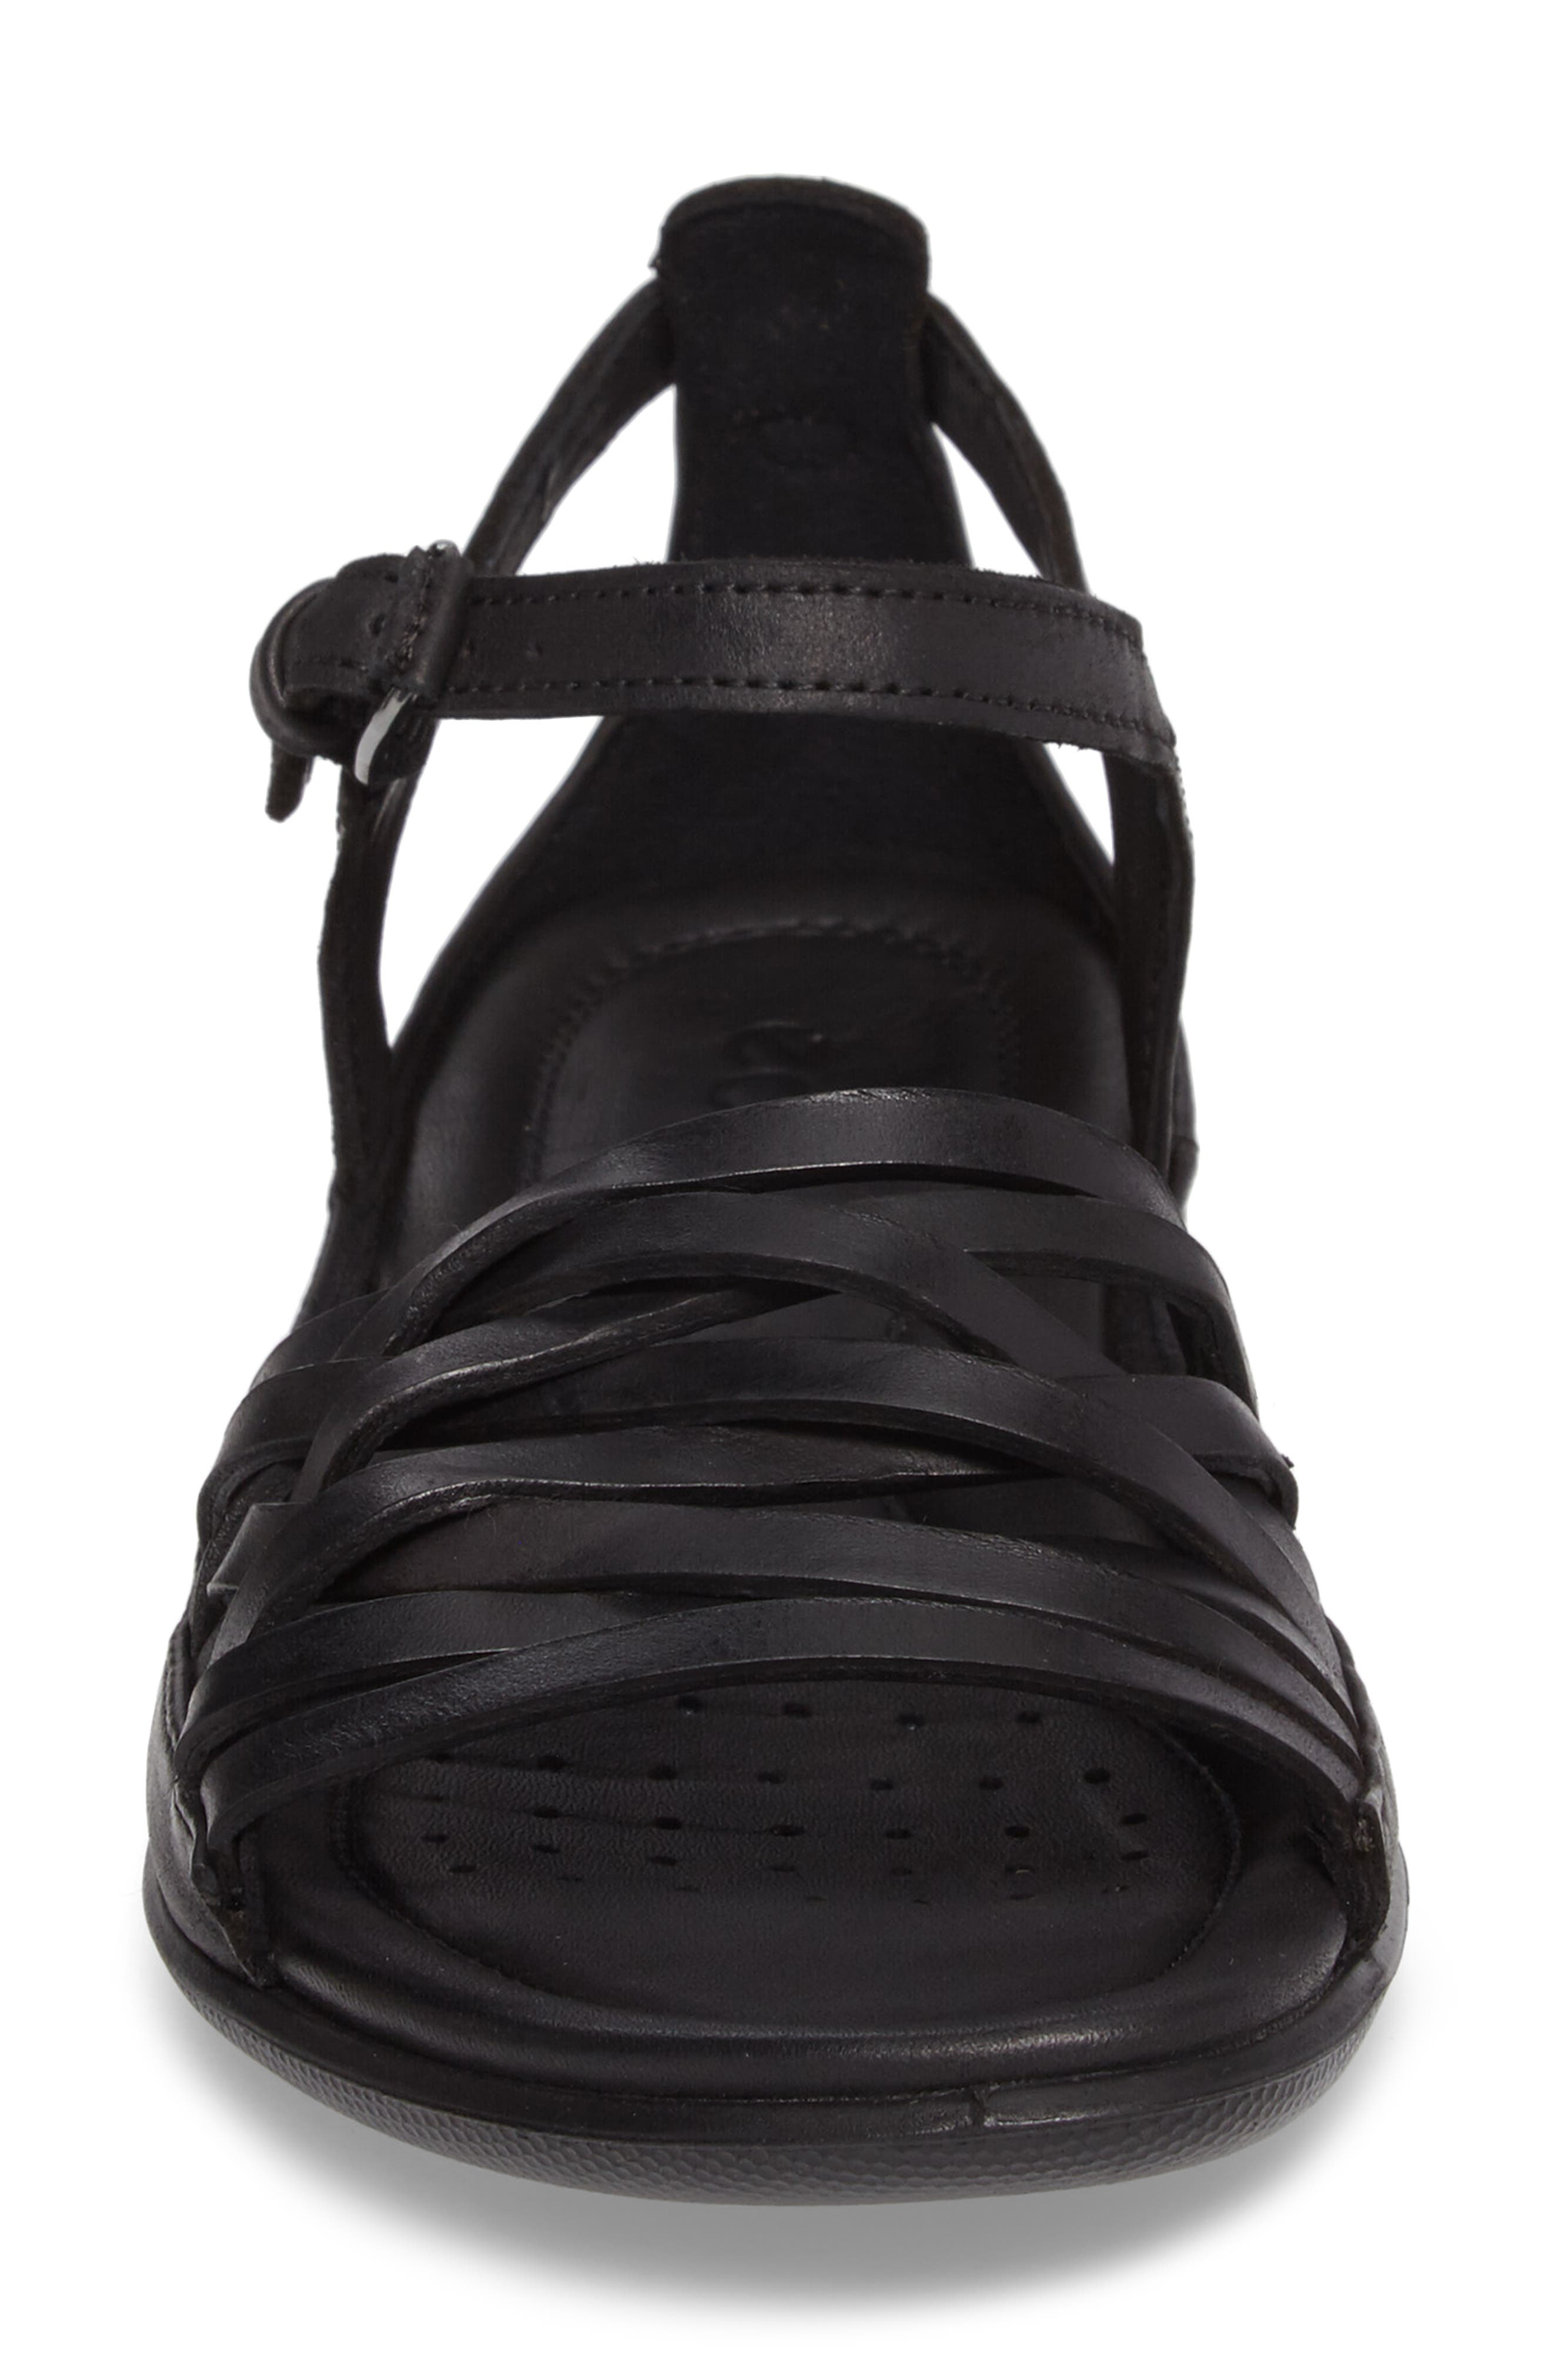 Flash Sandal,                             Alternate thumbnail 4, color,                             Black Leather